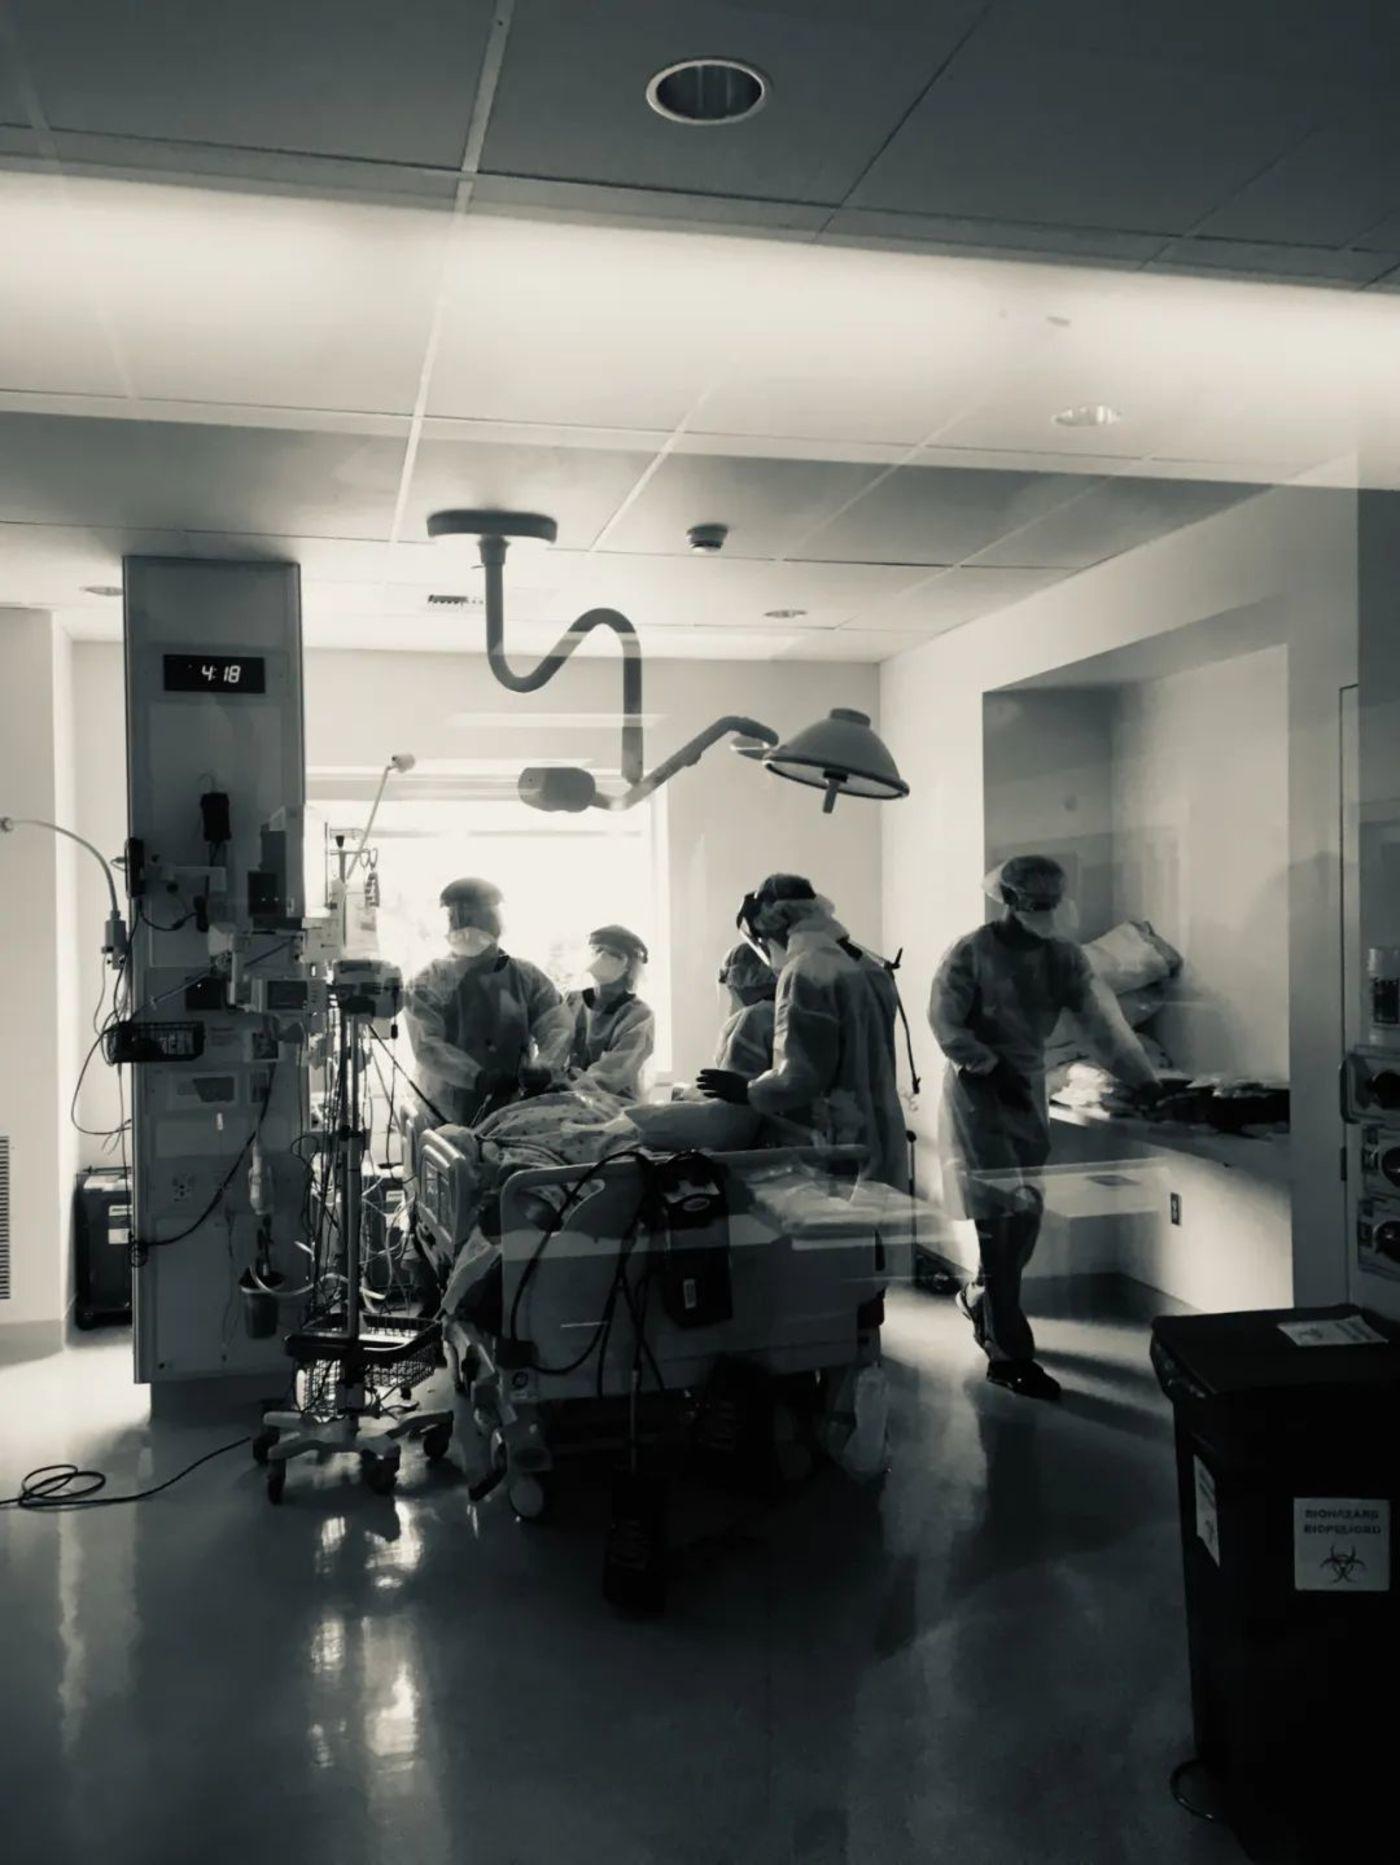 乔人立医生和同事为患者进行插管操作